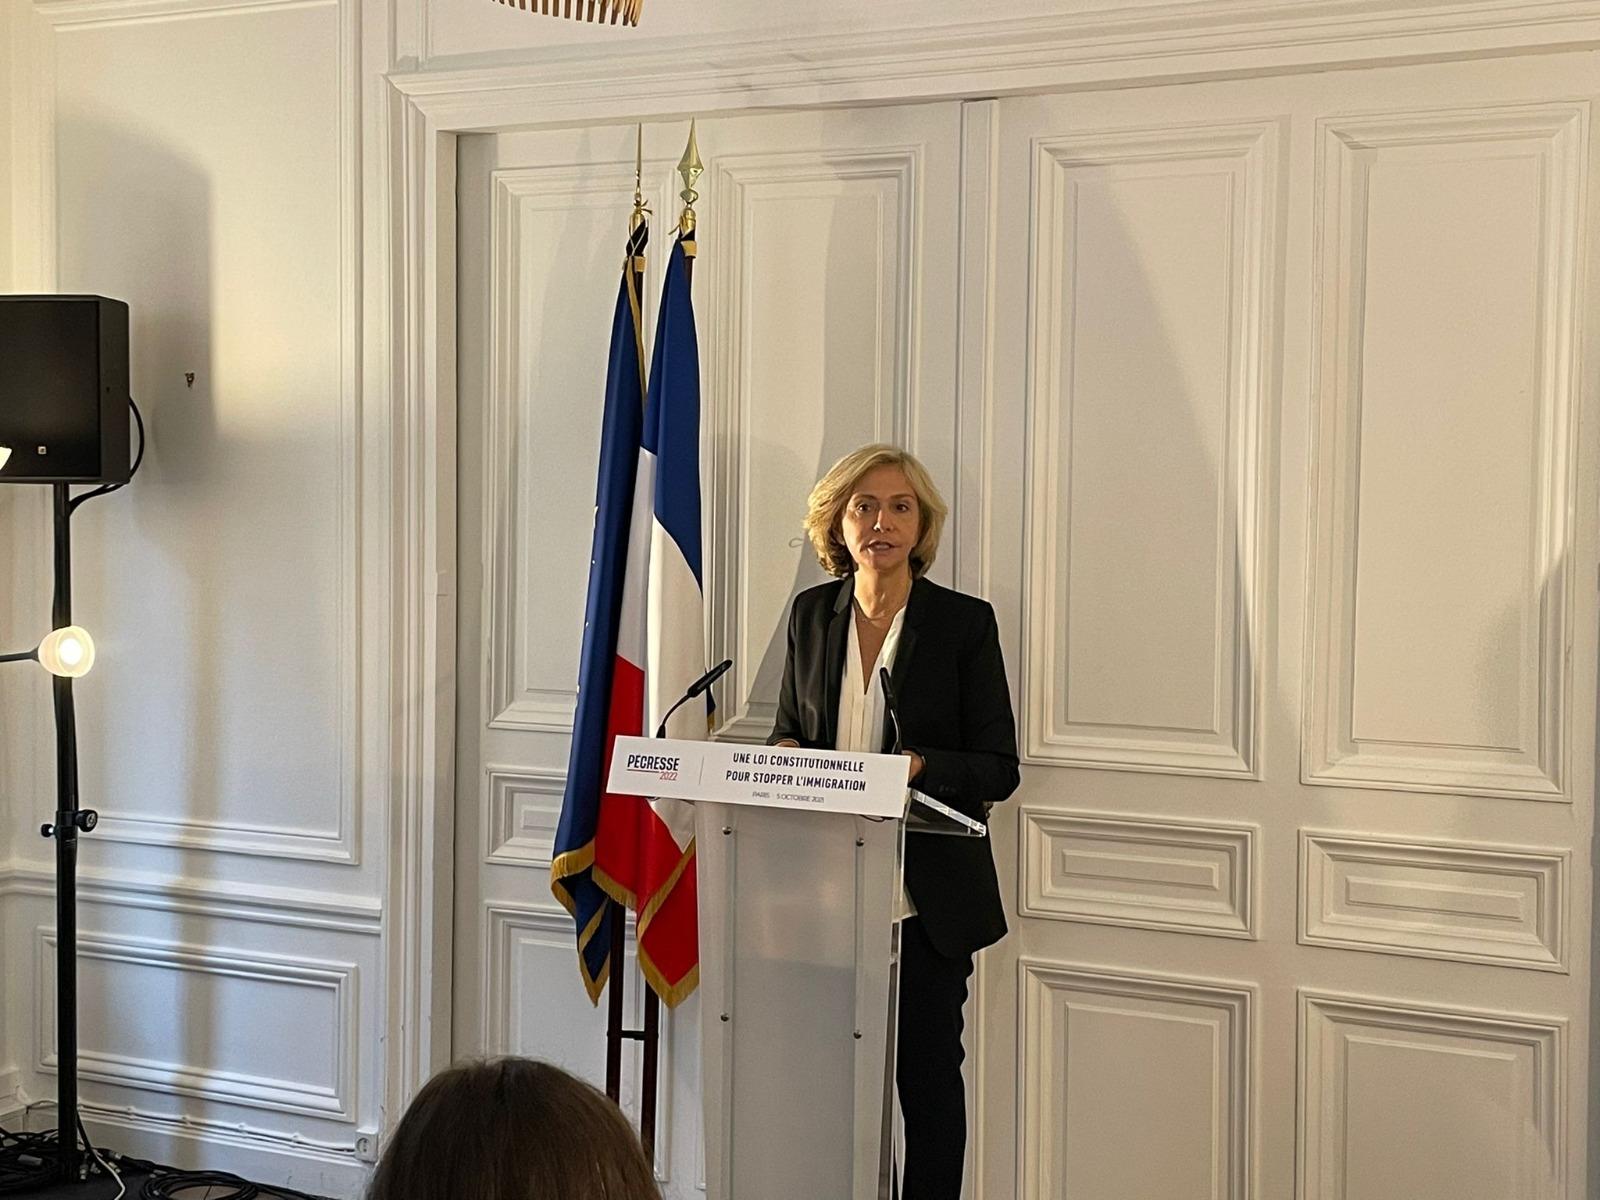 Valérie Pécresse présente son projet de loi constitutionnelle pour stopper l'immigration incontrôlée